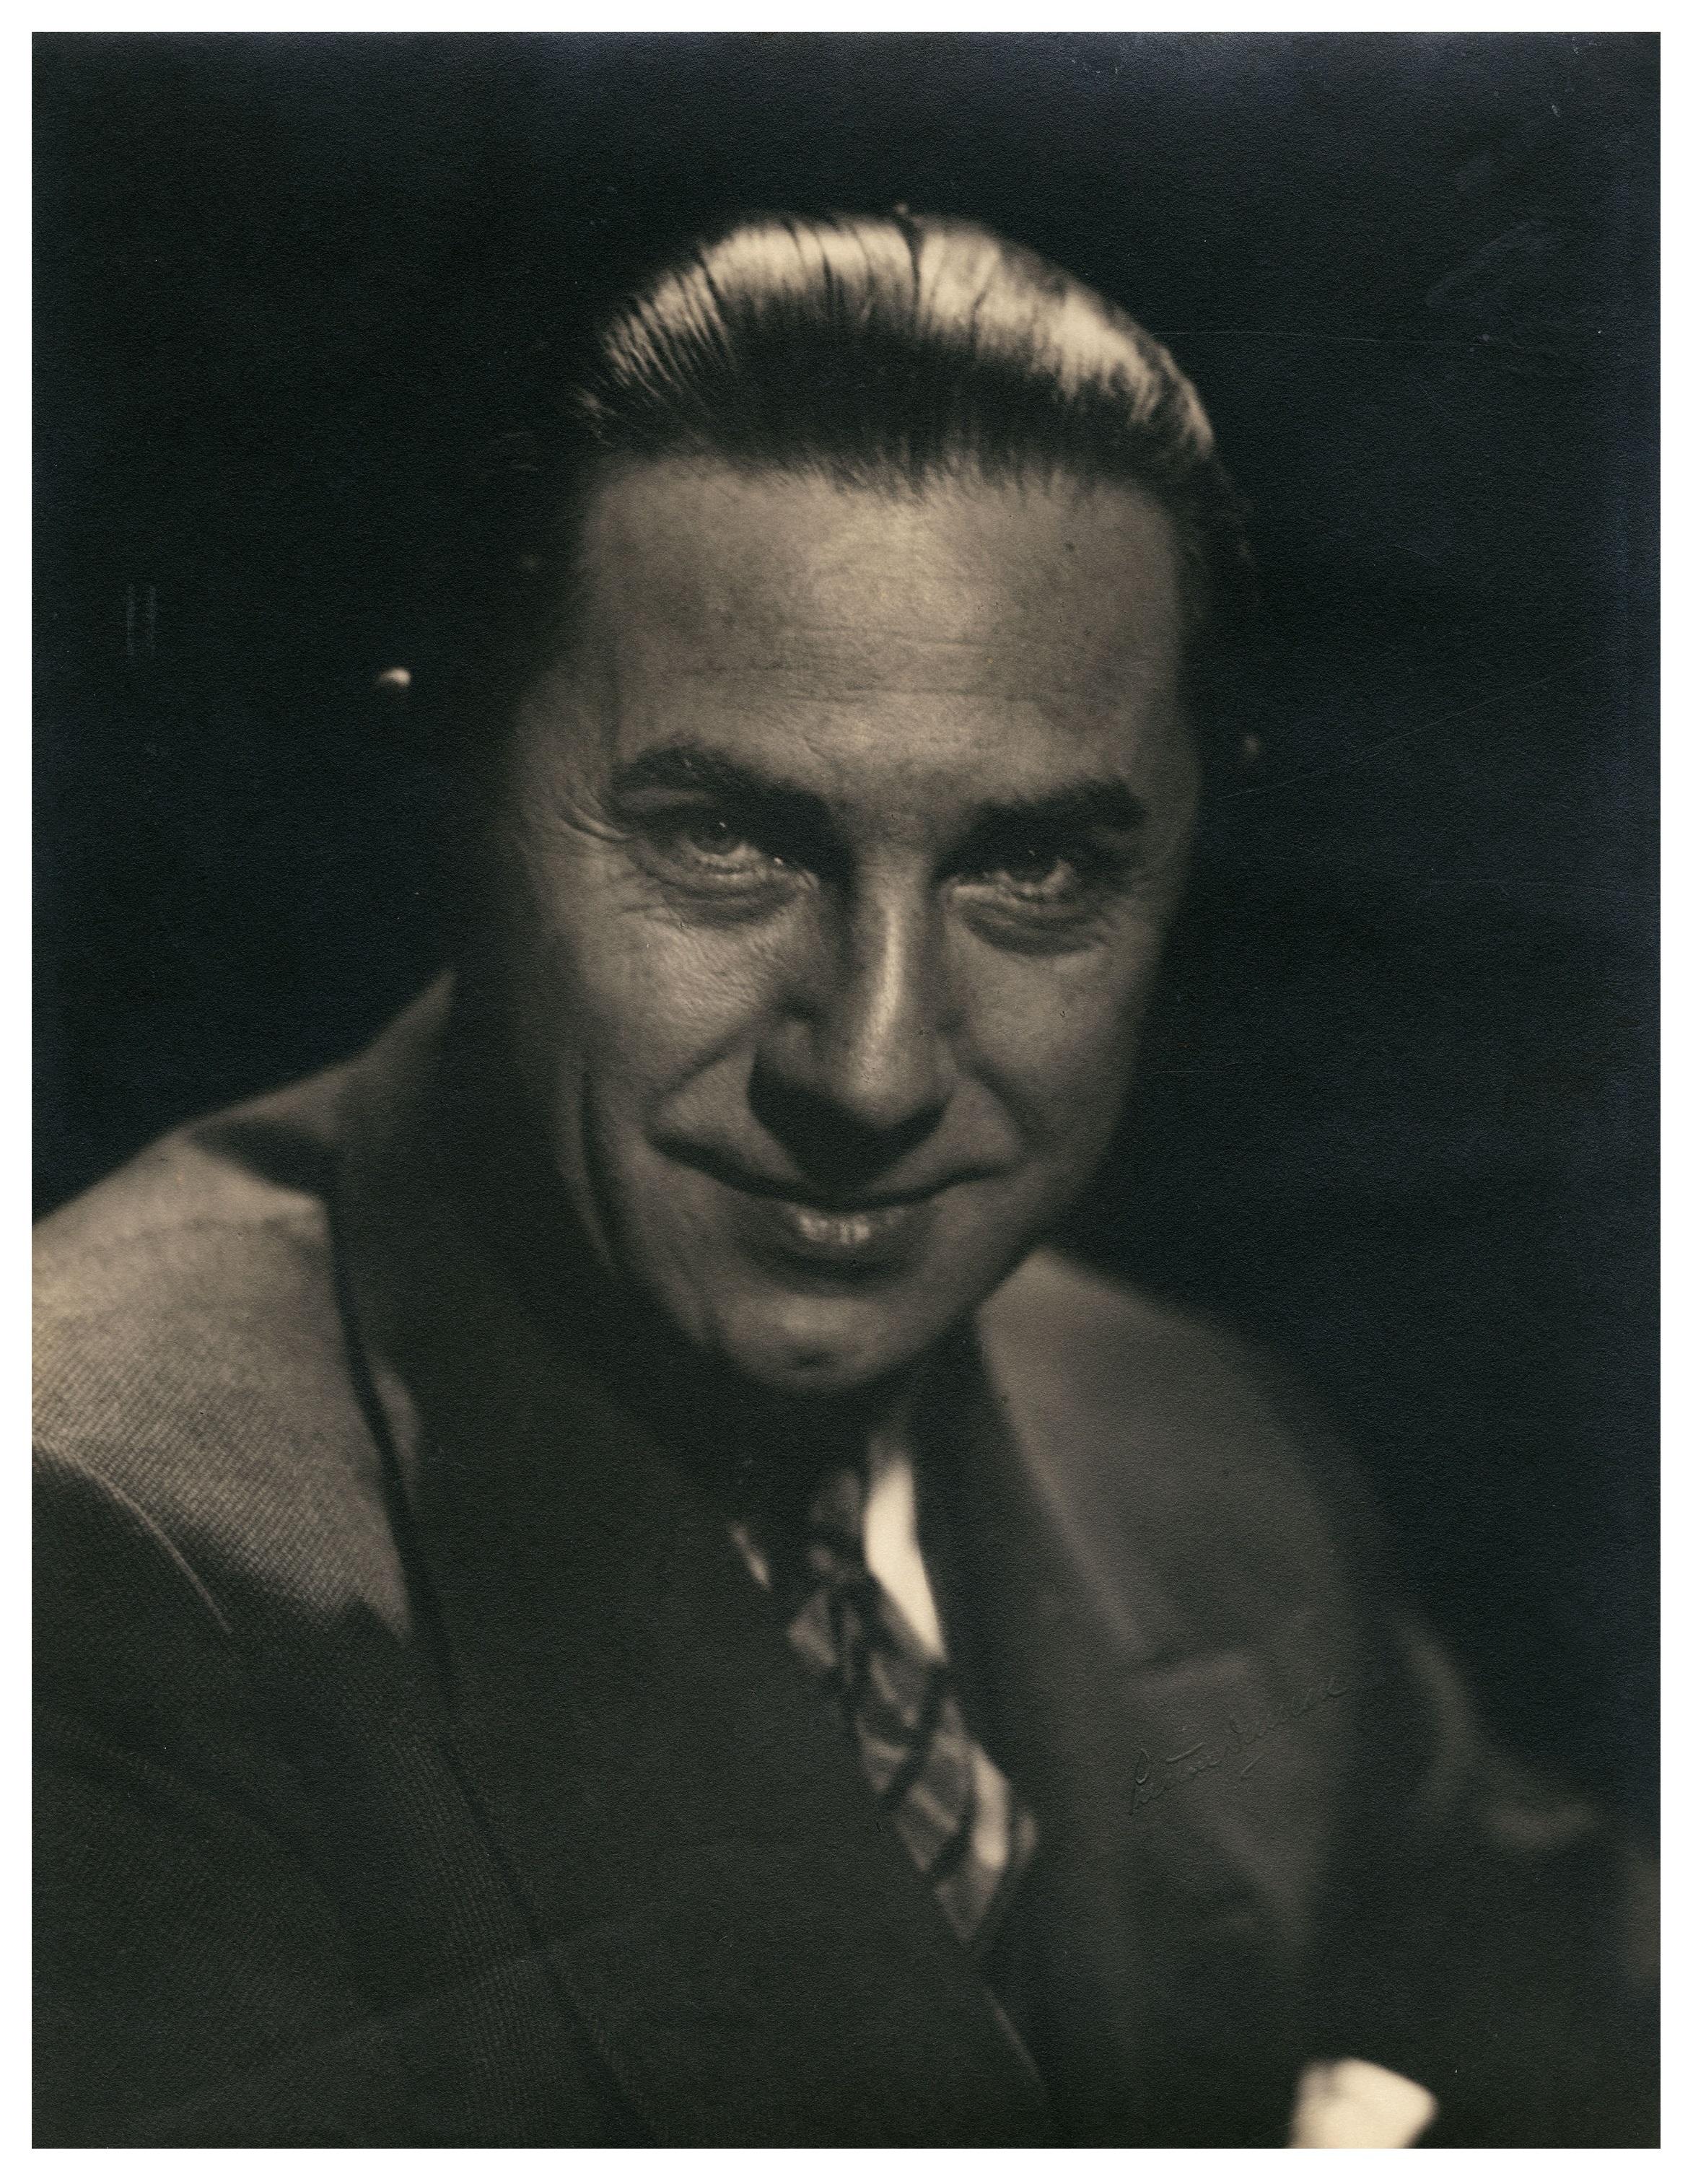 Bela Lugosi Photographed By